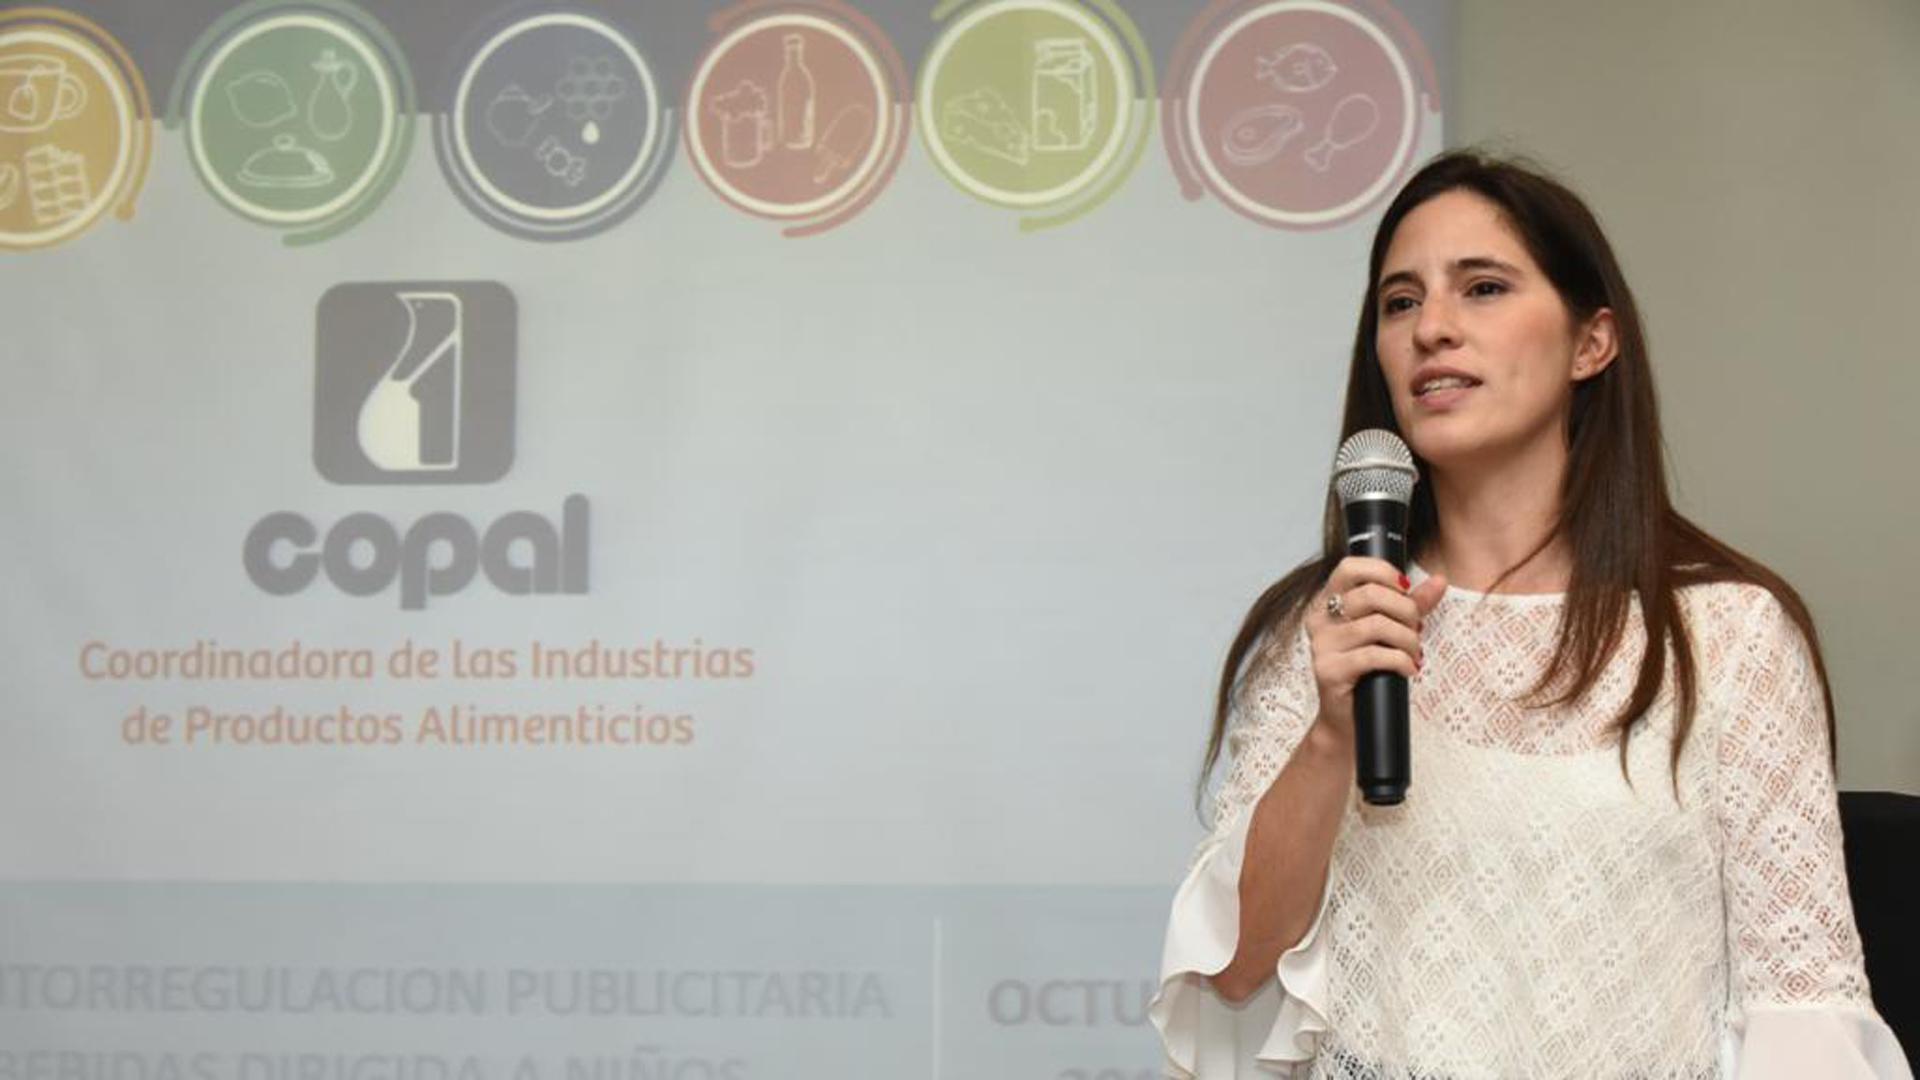 Carla Martin Bonito, directora ejecutiva de COPAL, explicó la importancia del compromiso empresarial